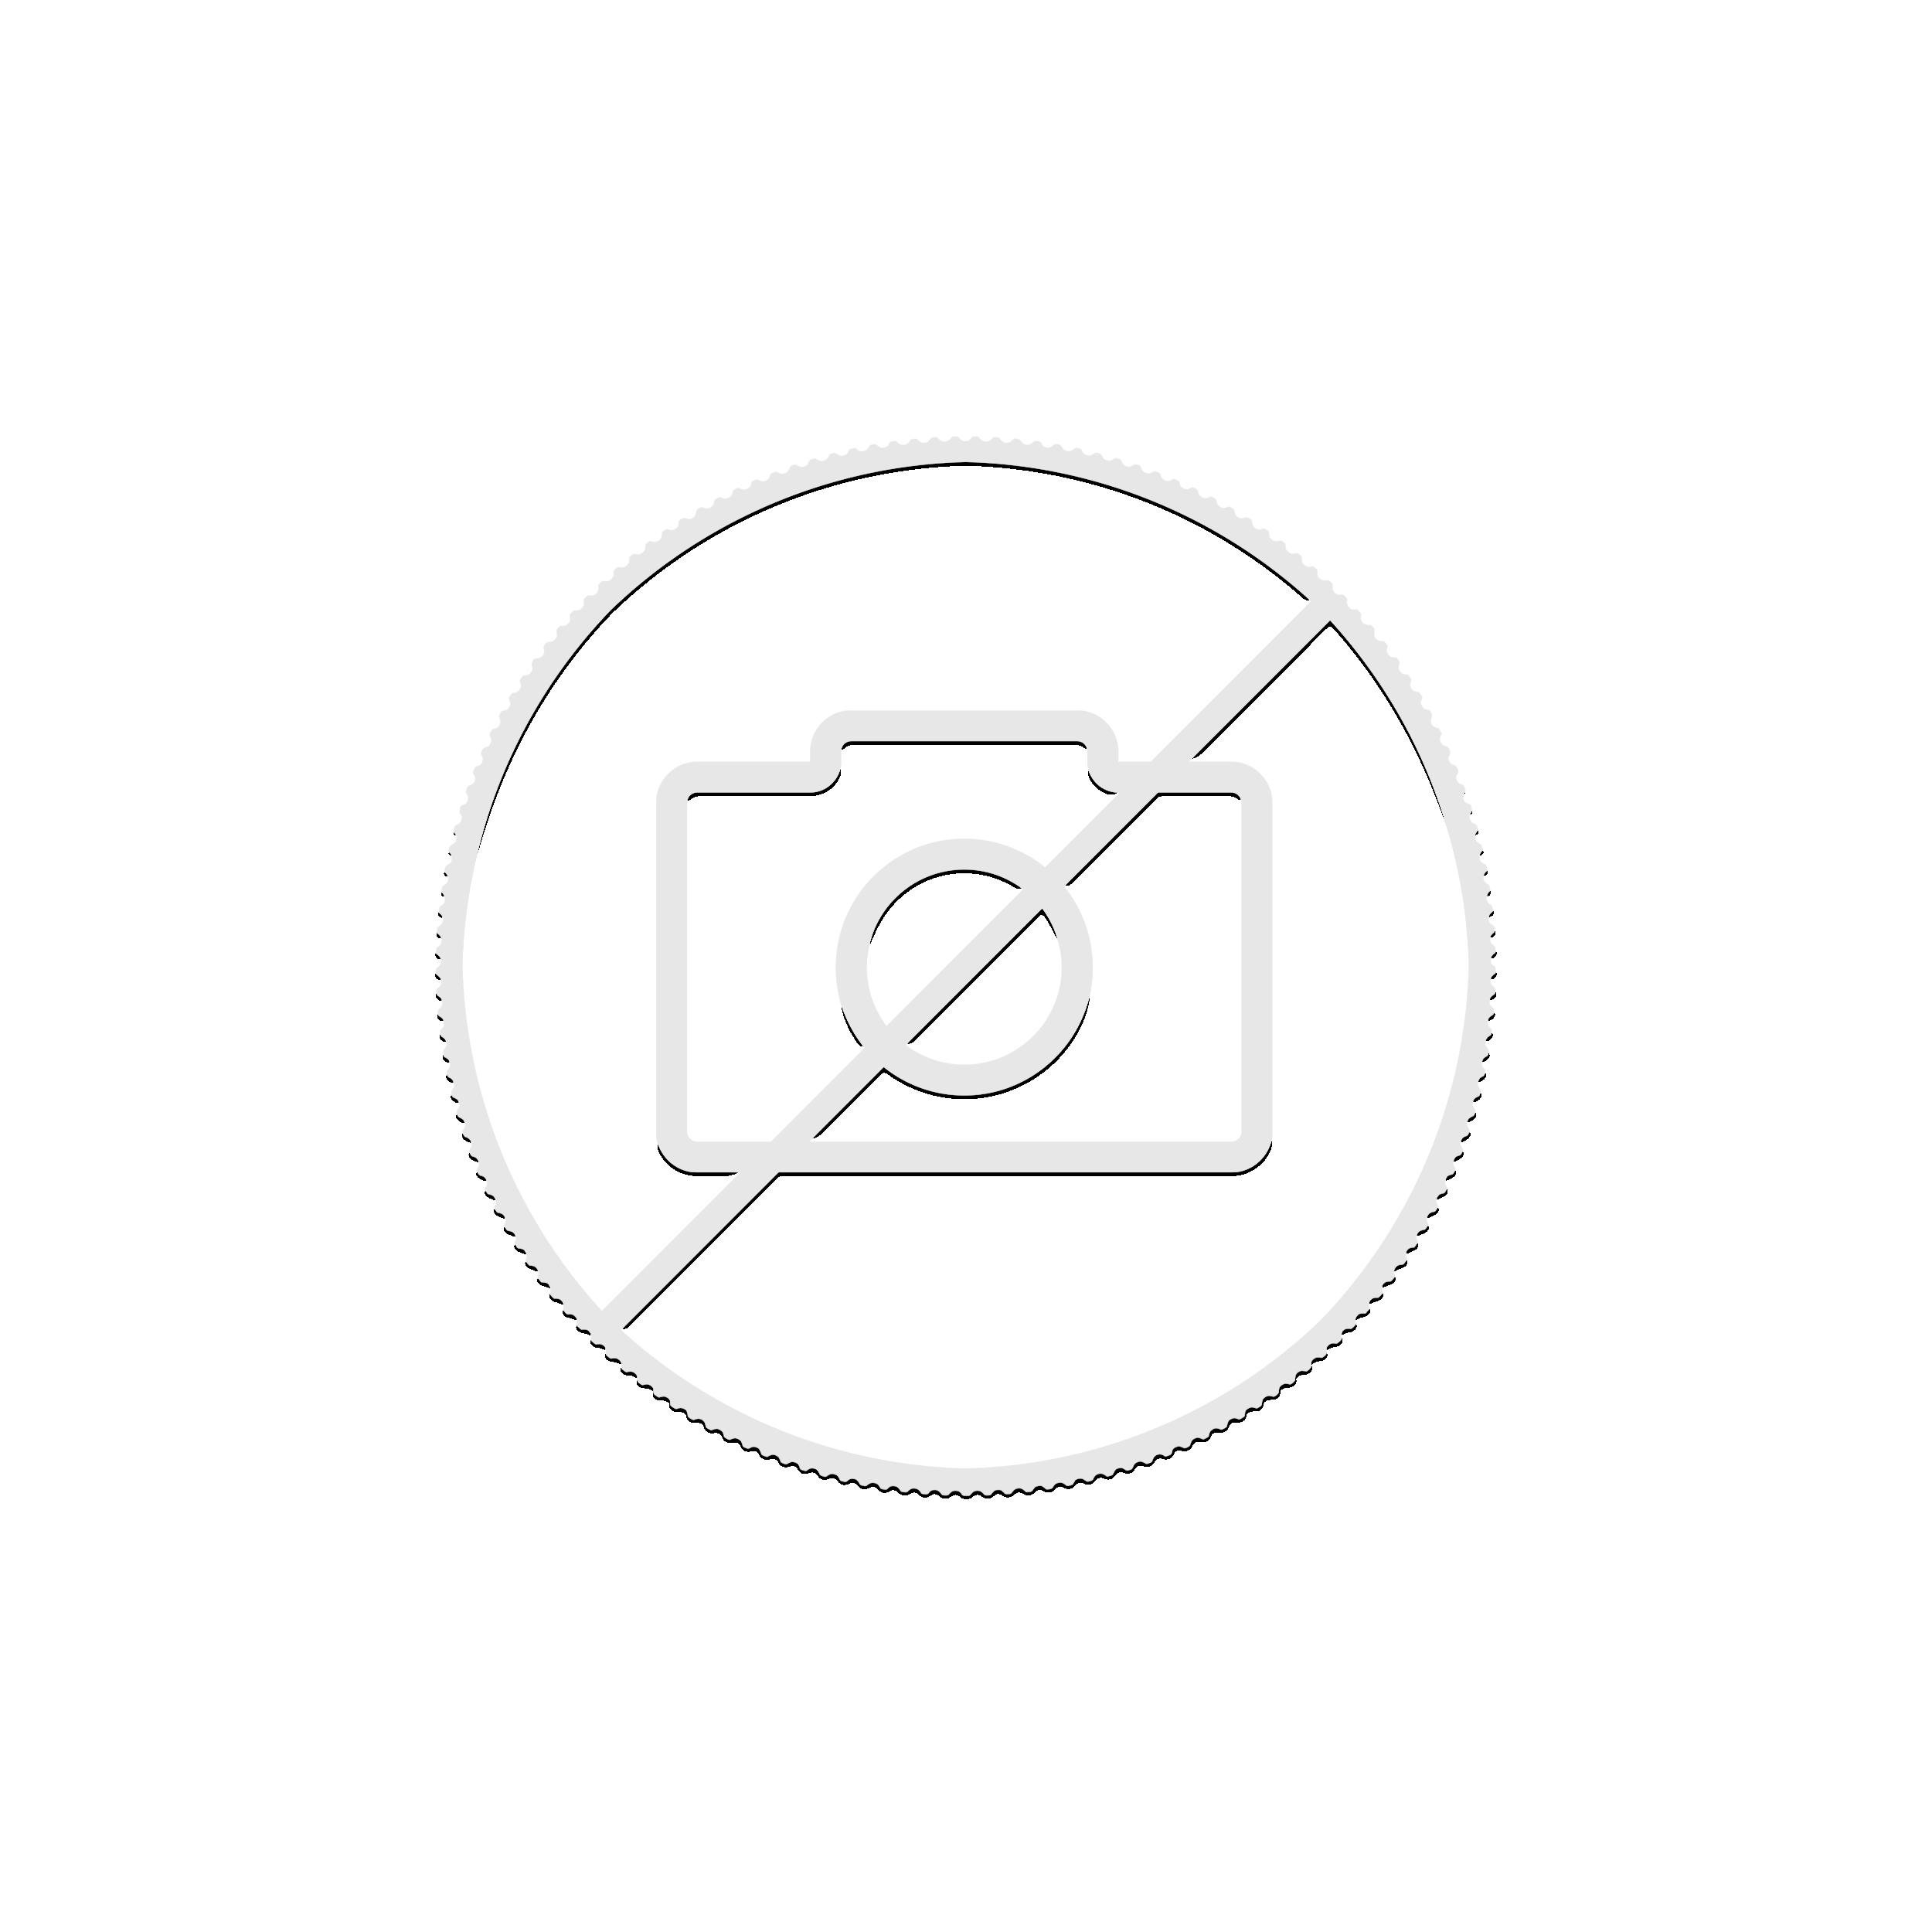 Zilveren Kookaburra munt 10 troy ounce zilver 2017